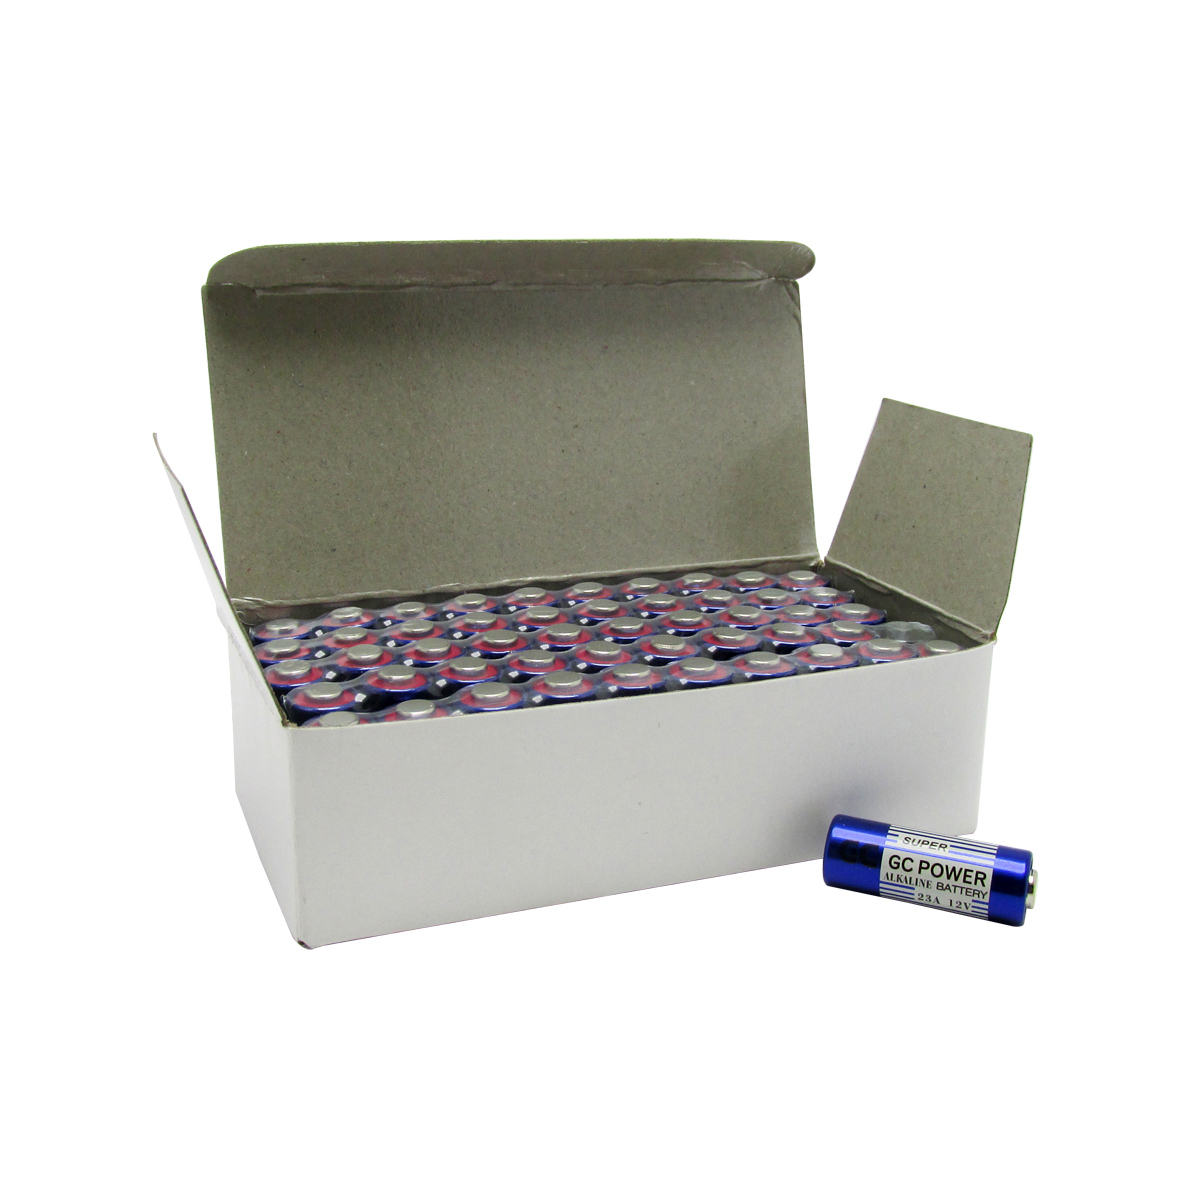 300pcs Pilha Alcalina Bateria 12v A23 Gc Portão Alarme